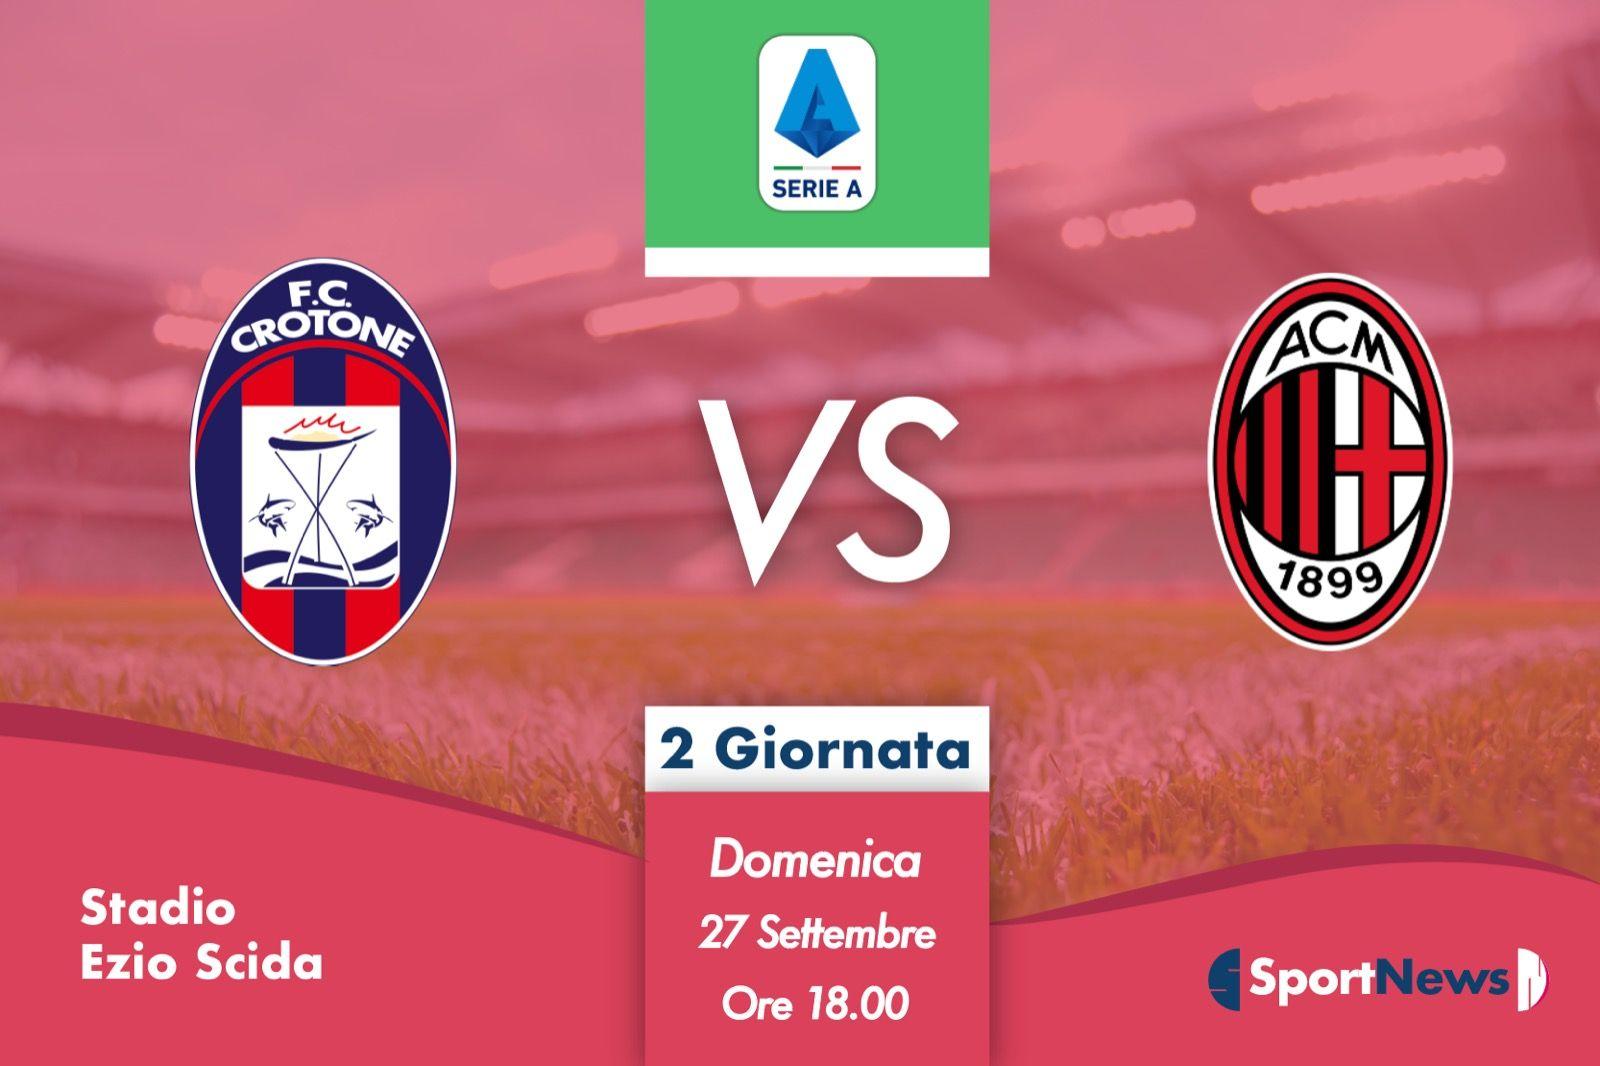 Serie A 2ª Giornata Crotone-Milan. Probabili formazioni, dove vederla in tv e streaming